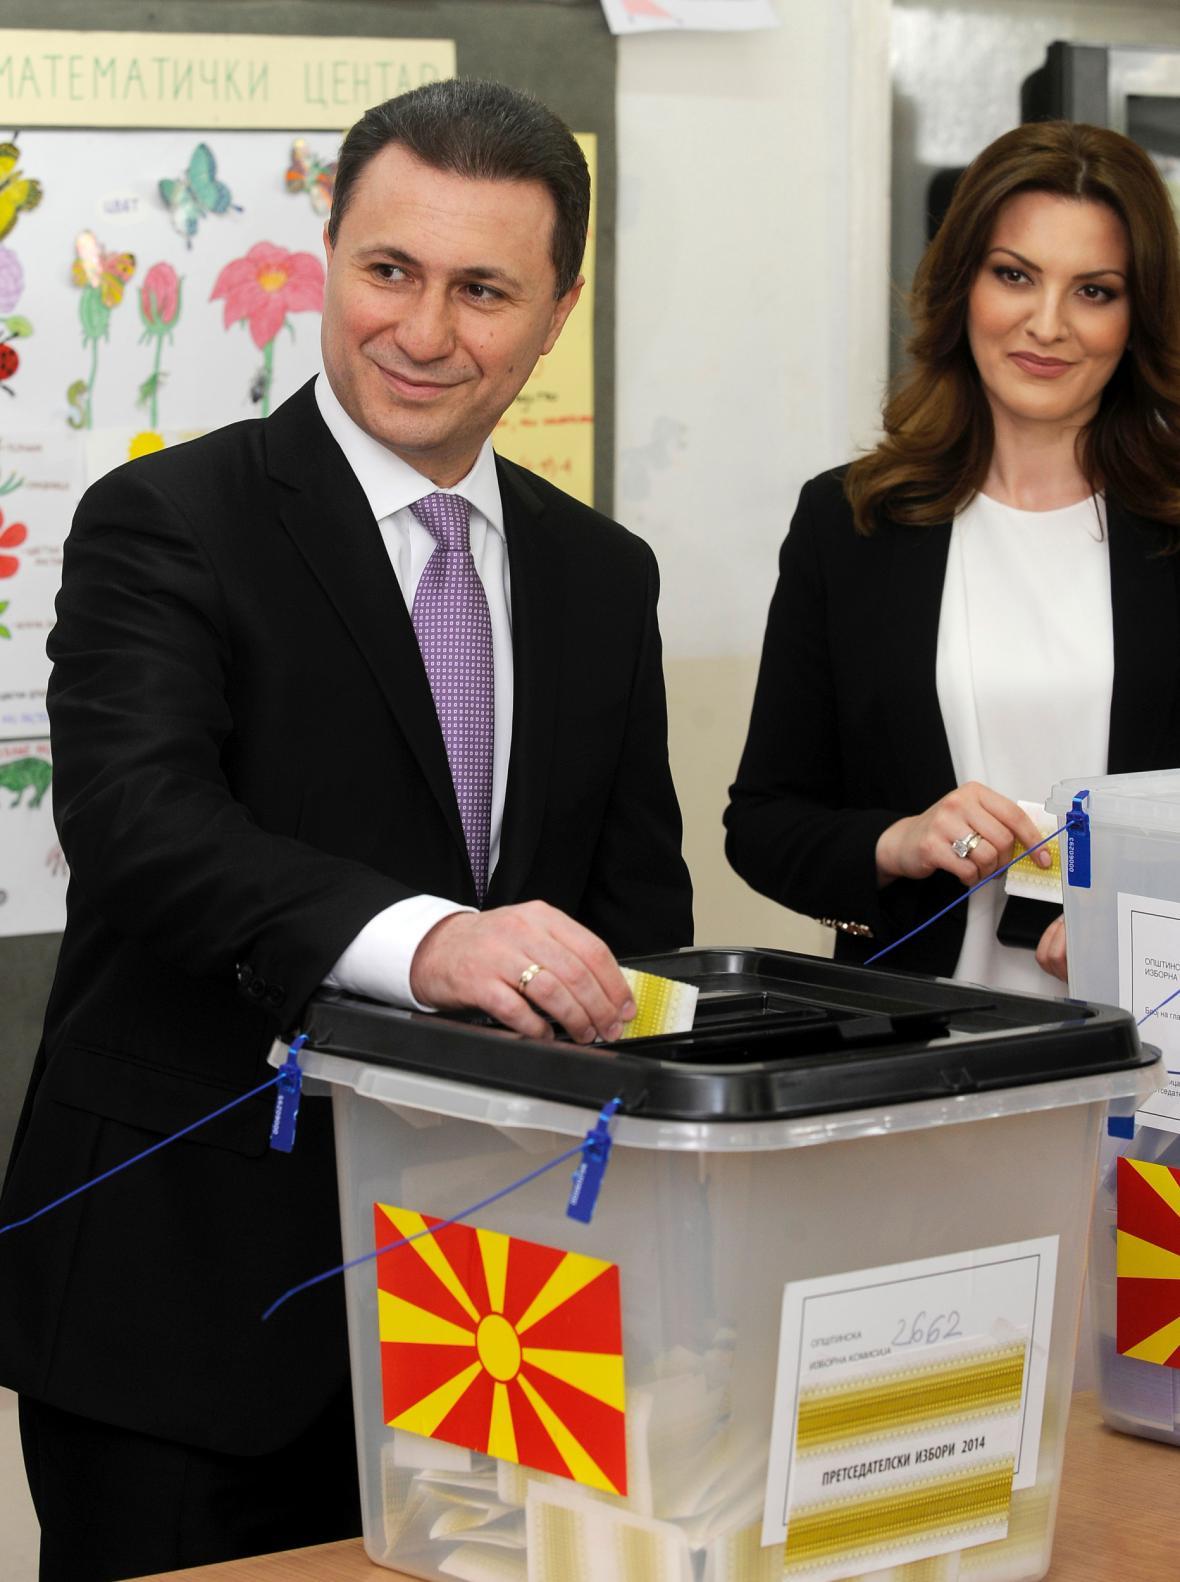 Makedonské volby (Nikola Gruevski)